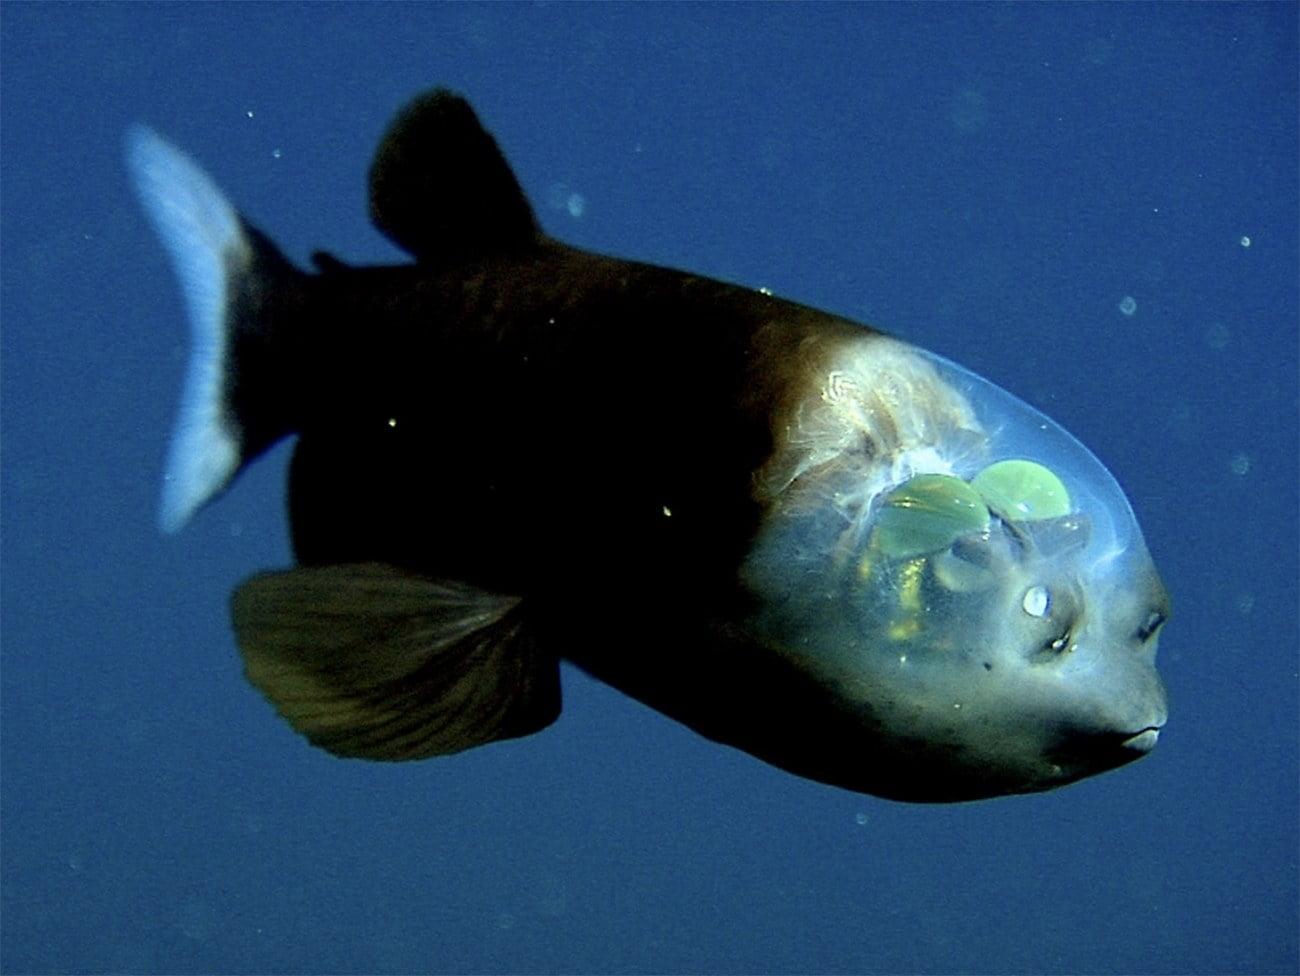 imagem de peixe com cabeça transparente